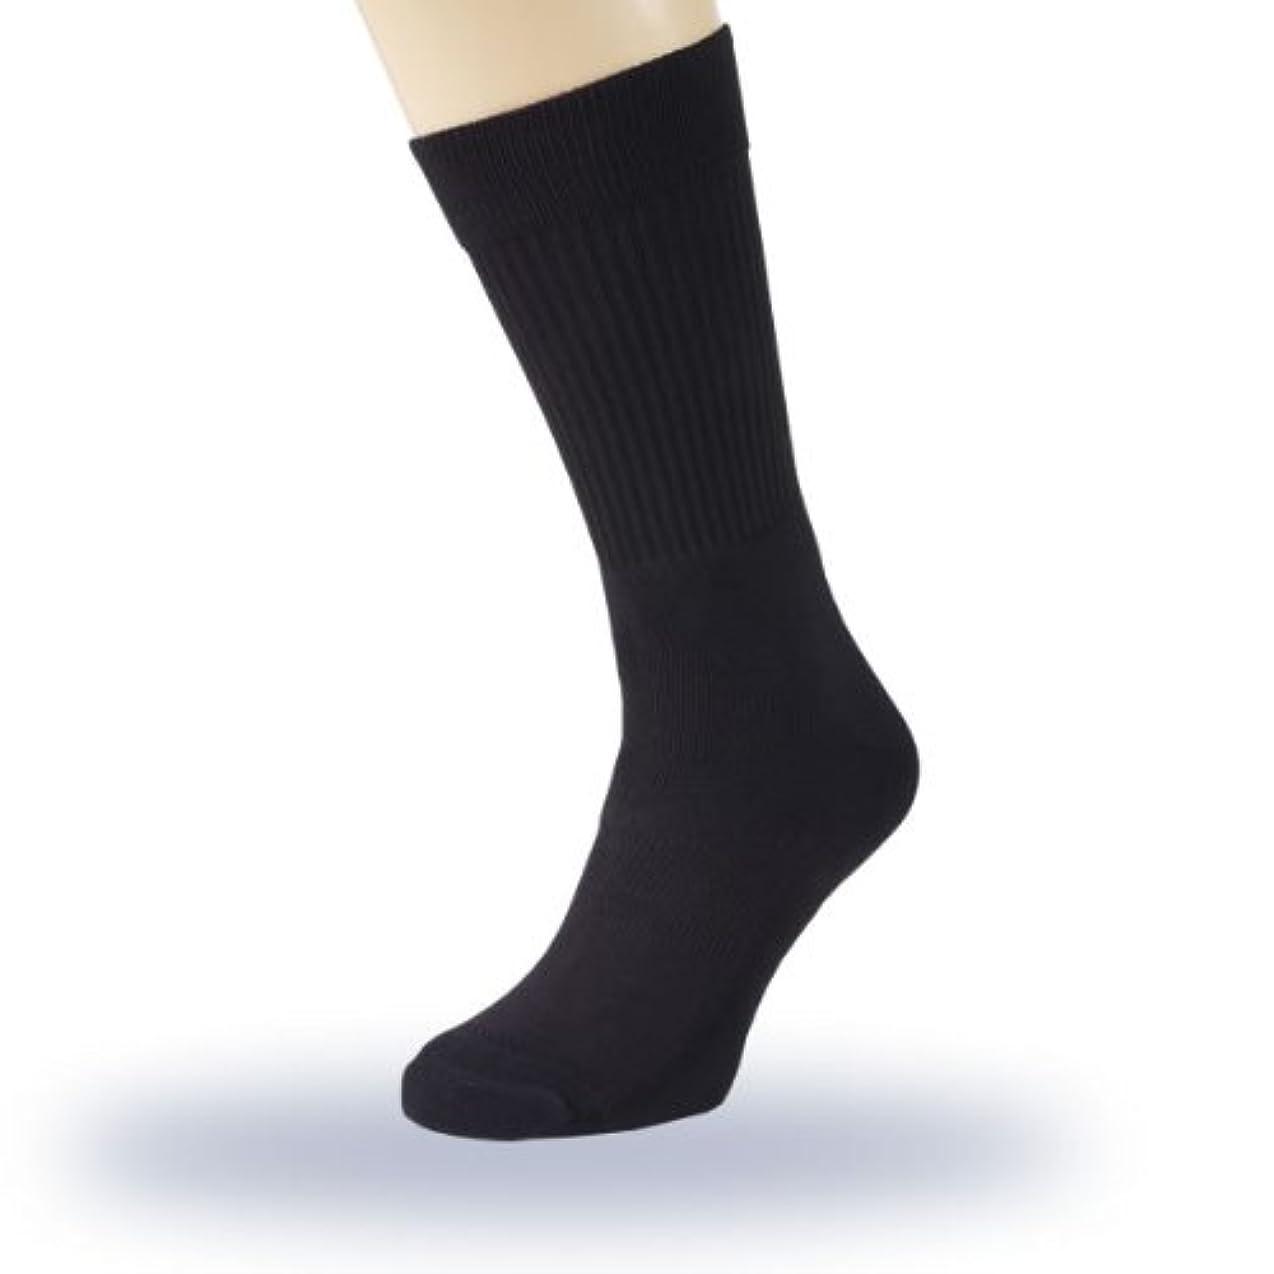 アイロニー前述の取り替えるフットケアソックス PROTECT iT(プロテクトイット) 男女兼用 ブラック (M 23cm~25.5cm)